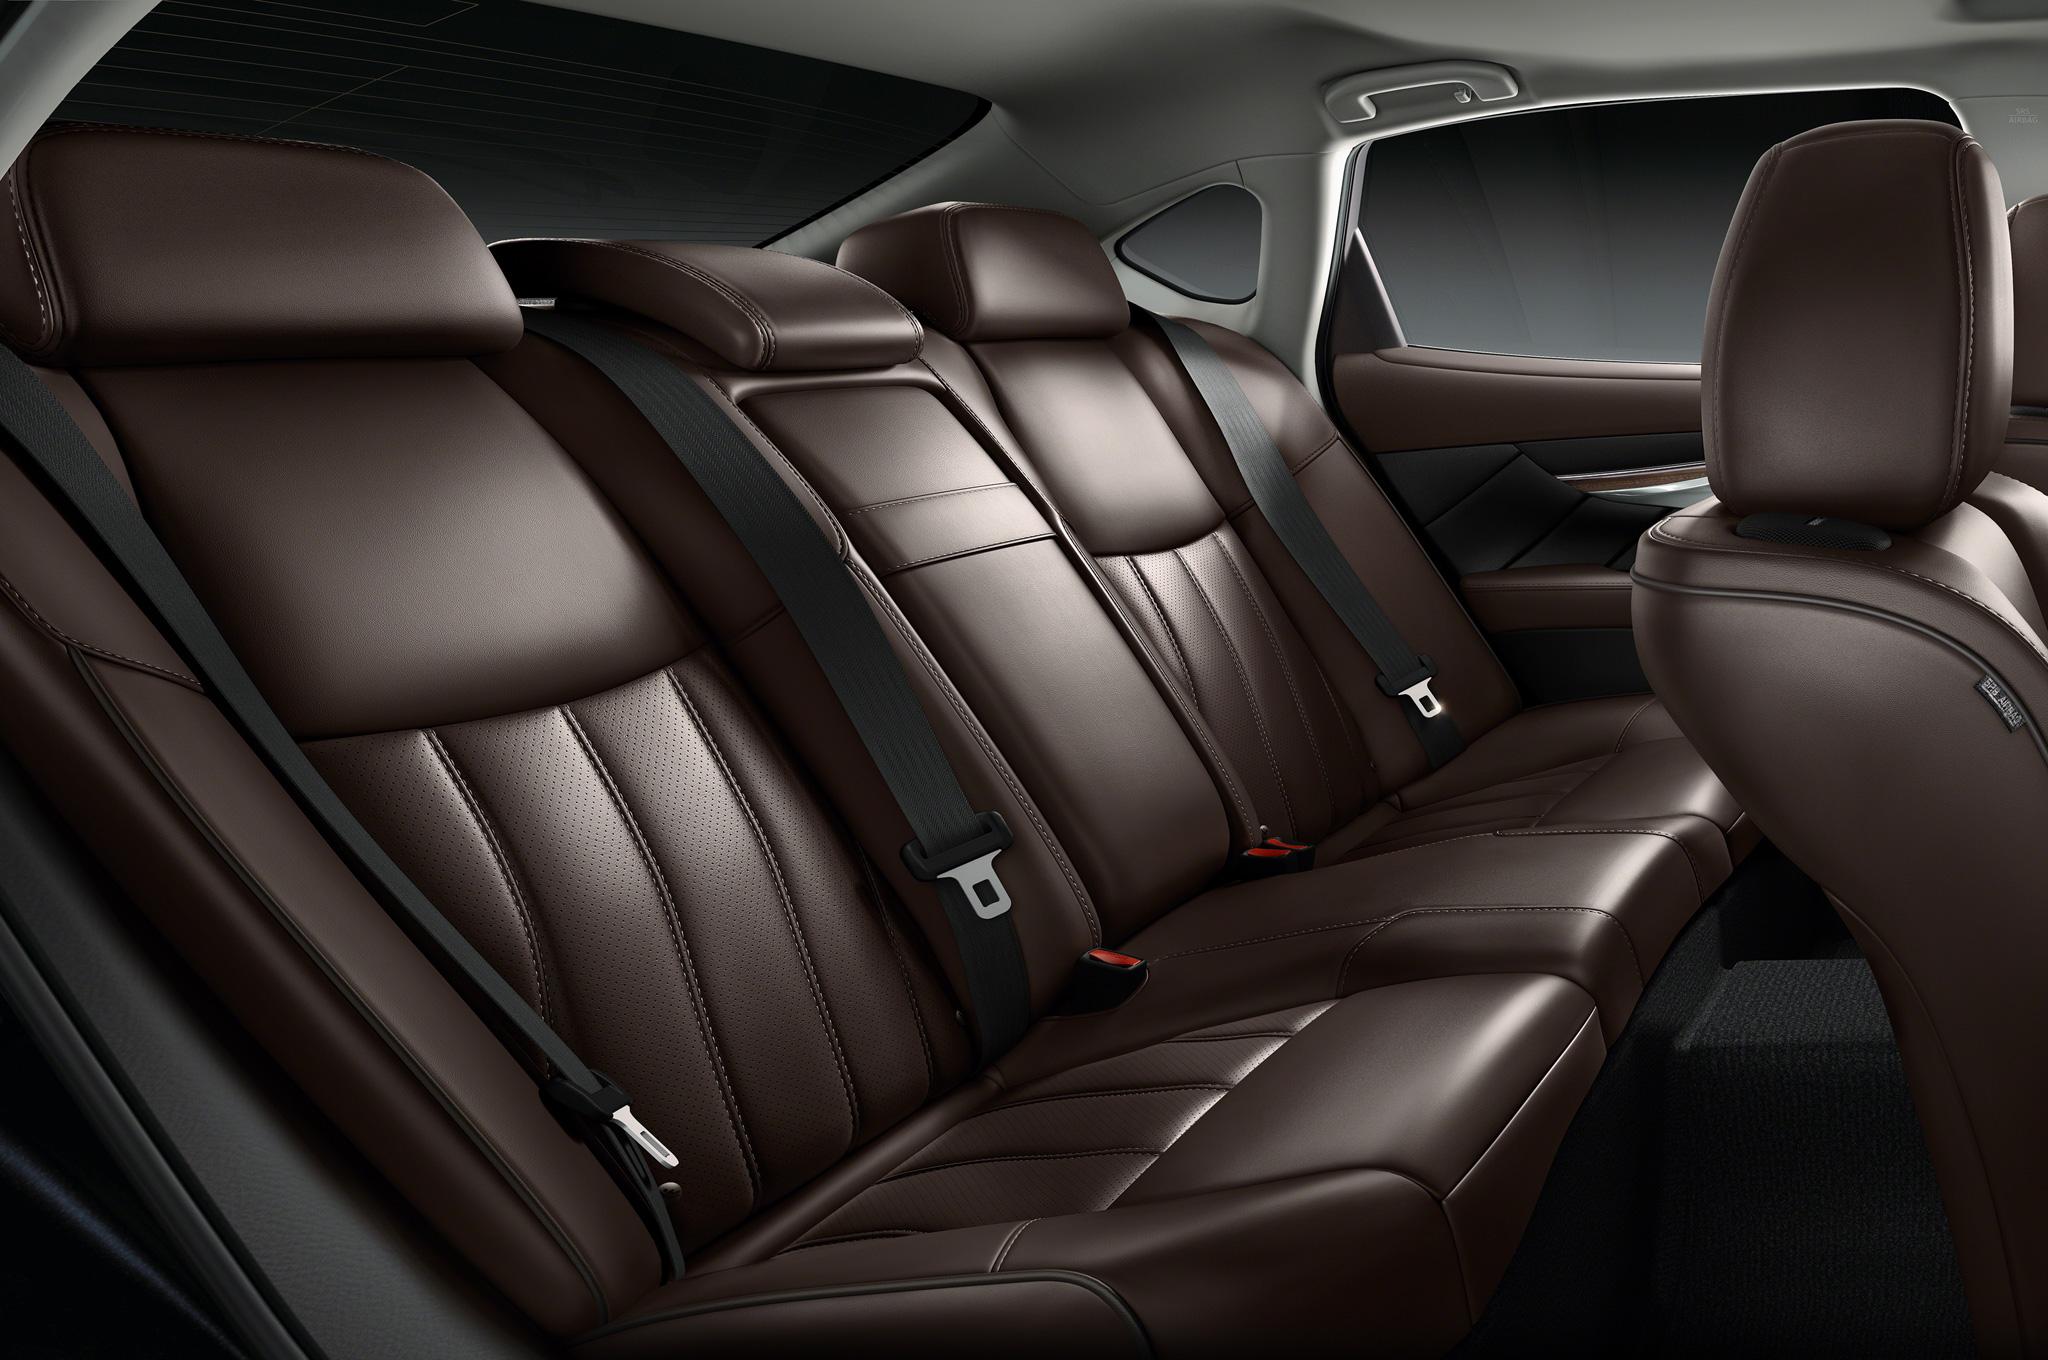 2015 Infiniti Q70L Rear Seat Interior